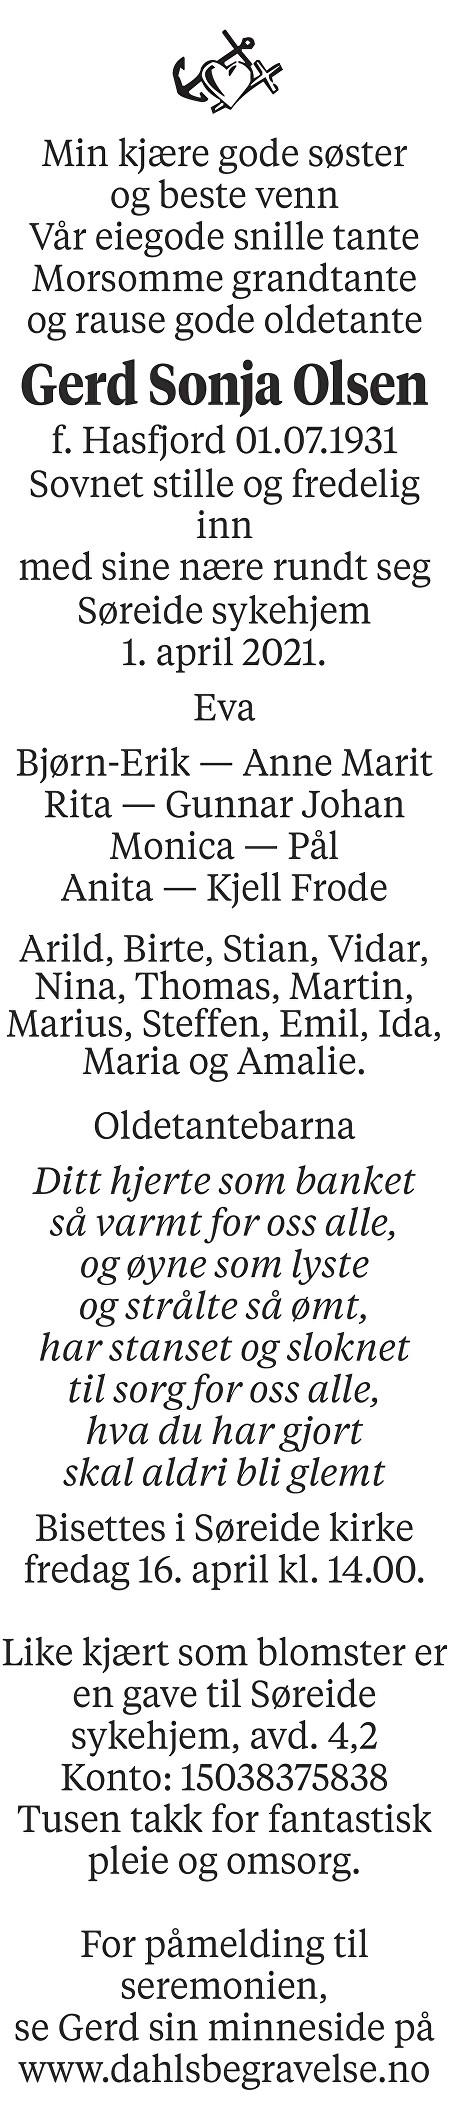 Gerd Olsen Dødsannonse